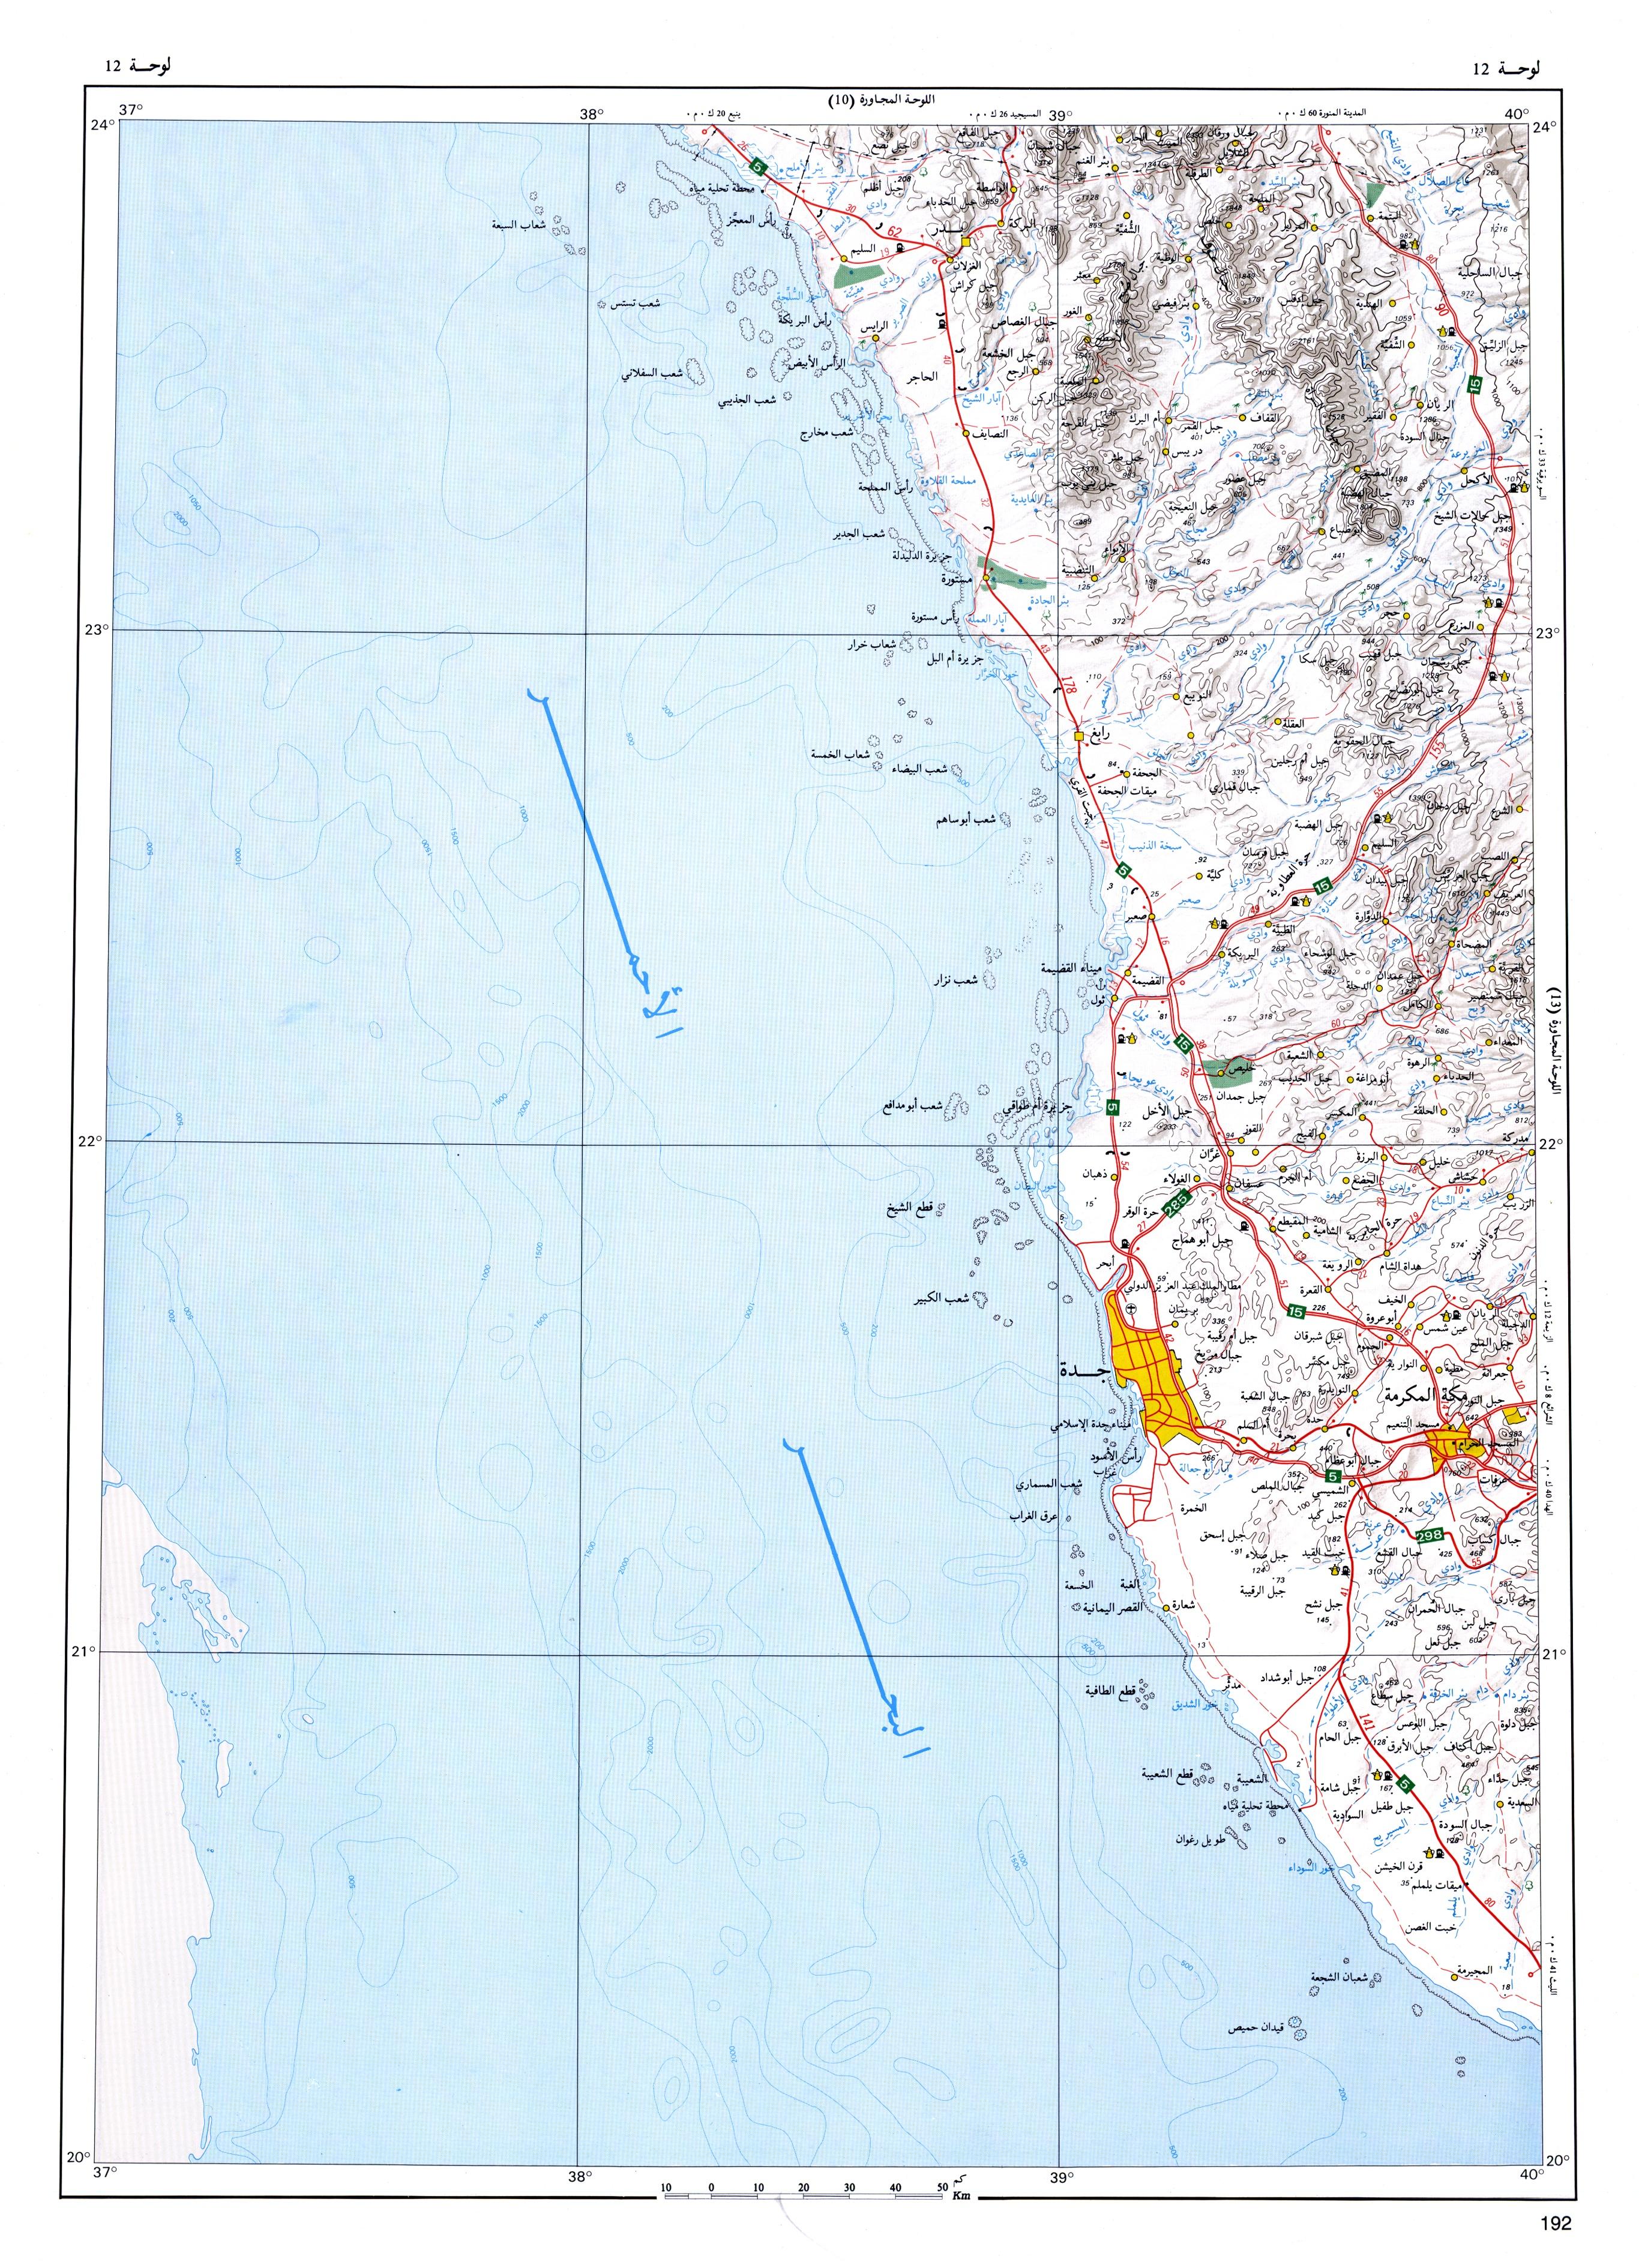 خرائط تفصيليه لمناطق اللمملكة العربية Fig-12.jpg